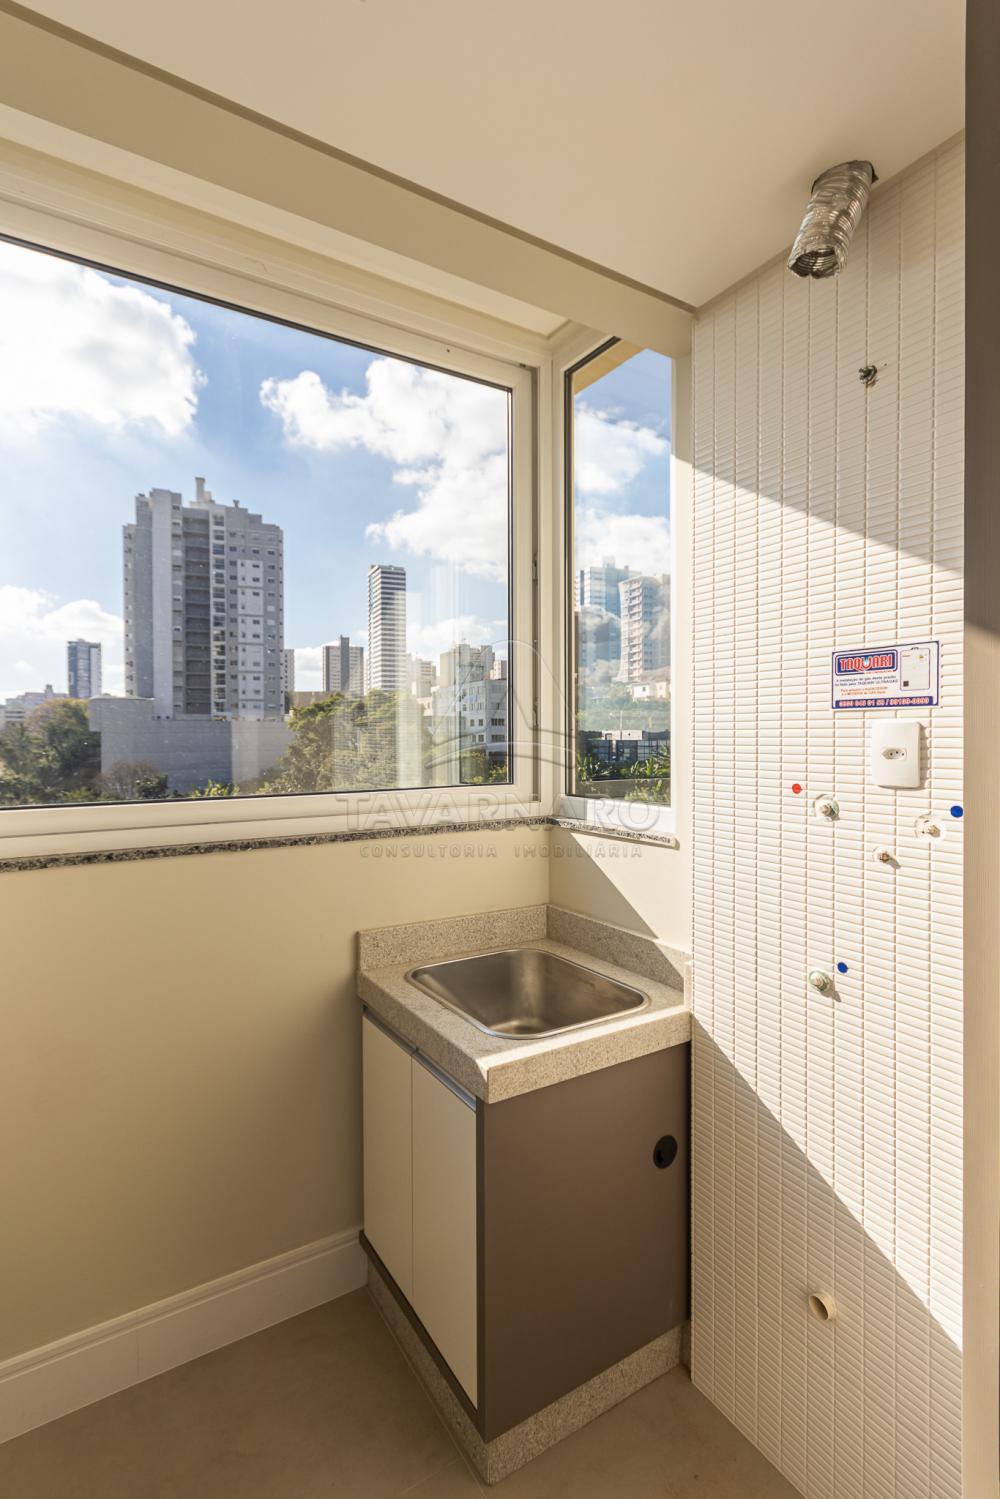 Comprar Apartamento / Padrão em Ponta Grossa R$ 590.000,00 - Foto 6